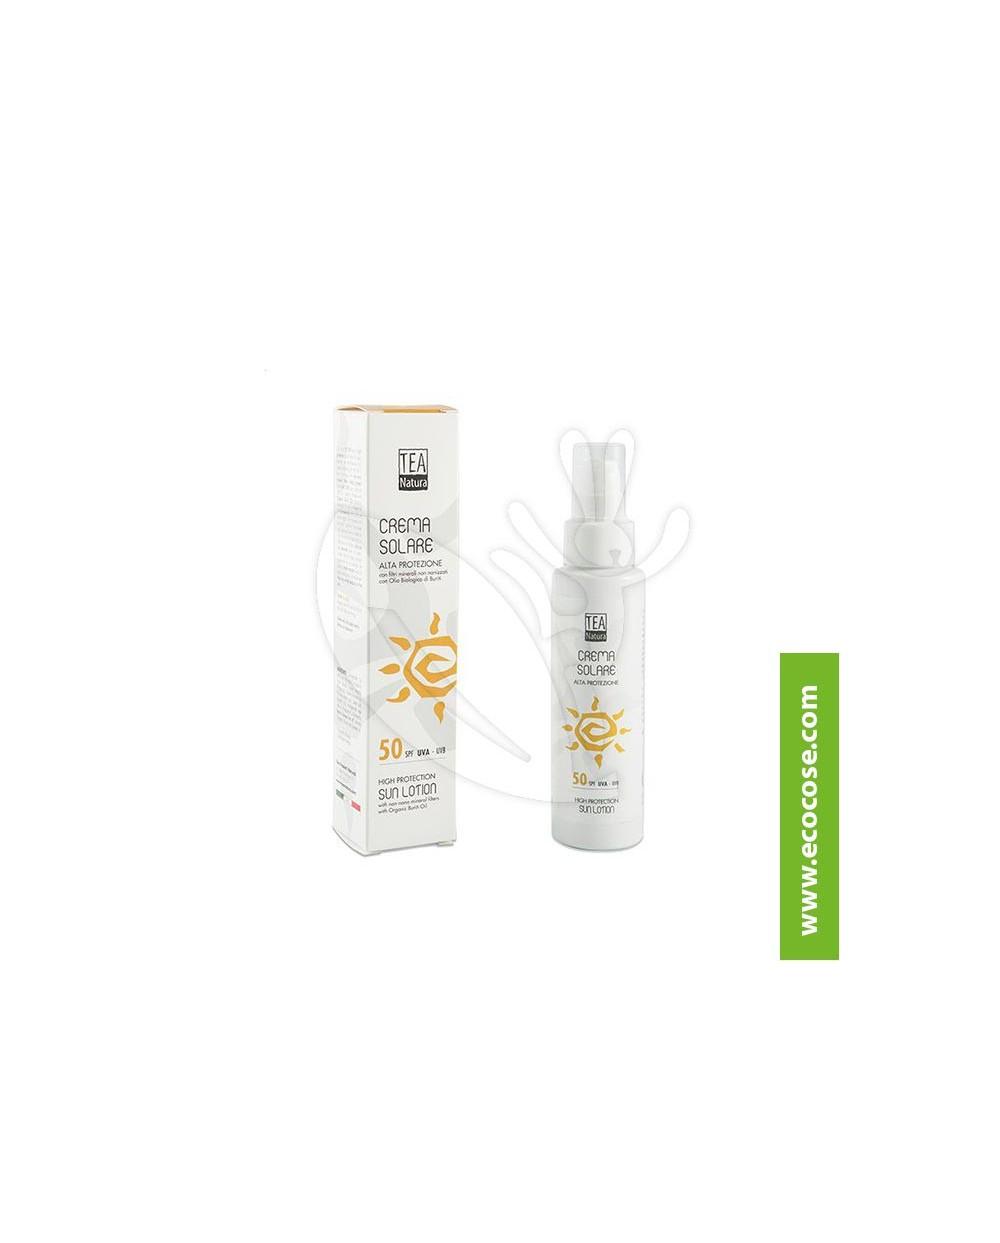 Tea Natura - Crema solare Alta Protezione SPF50